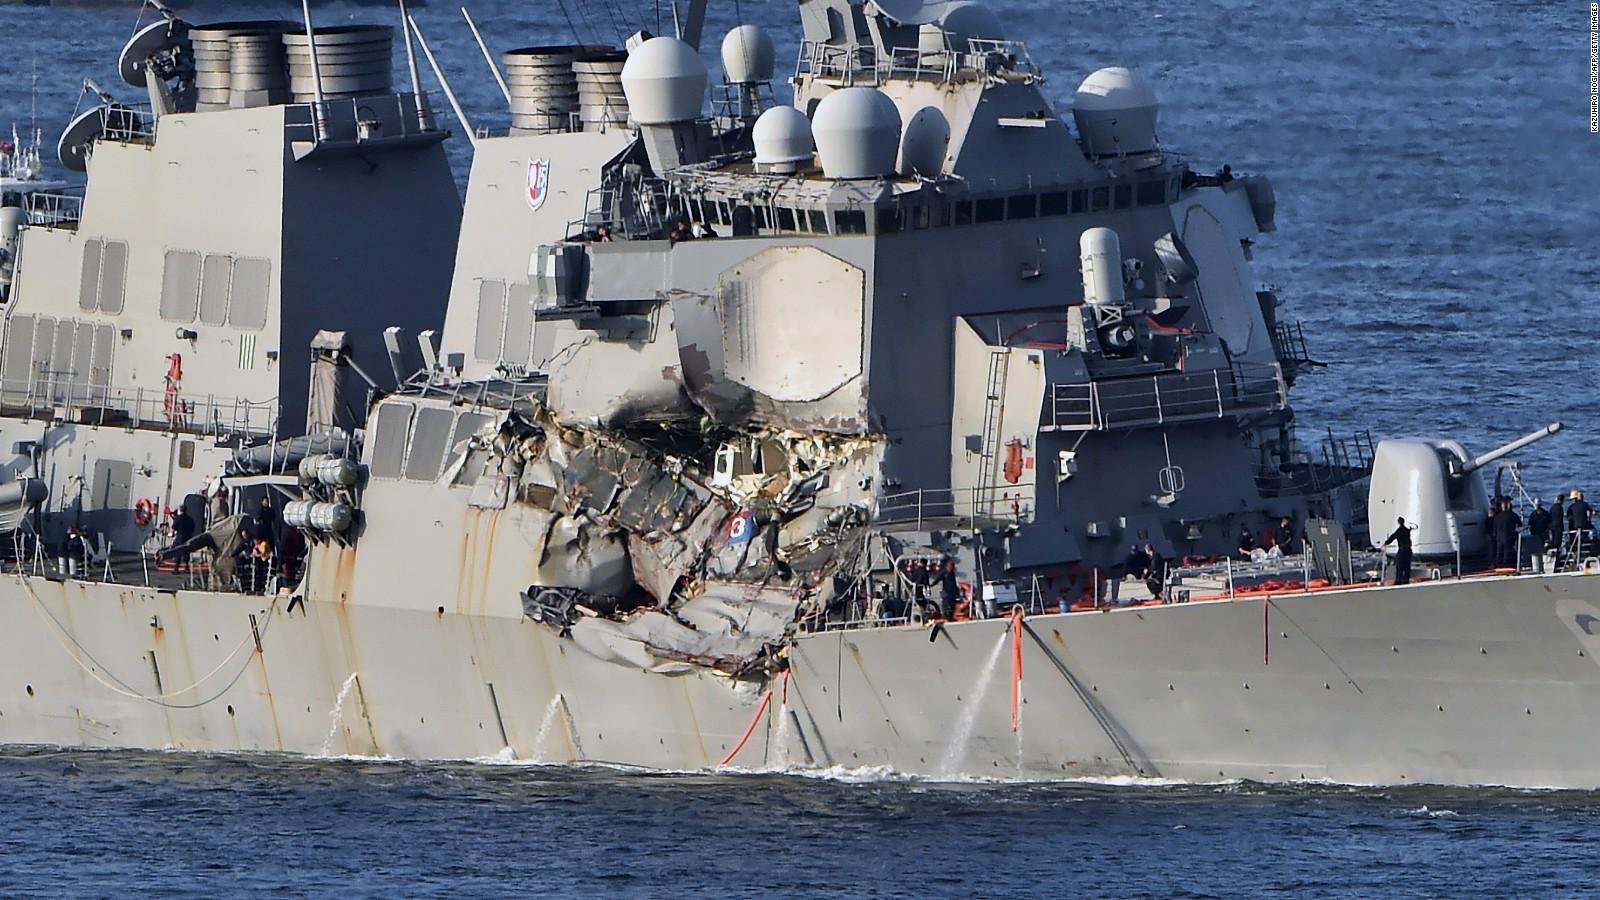 美海军:或以过失杀人罪名起诉撞船驱逐舰舰长